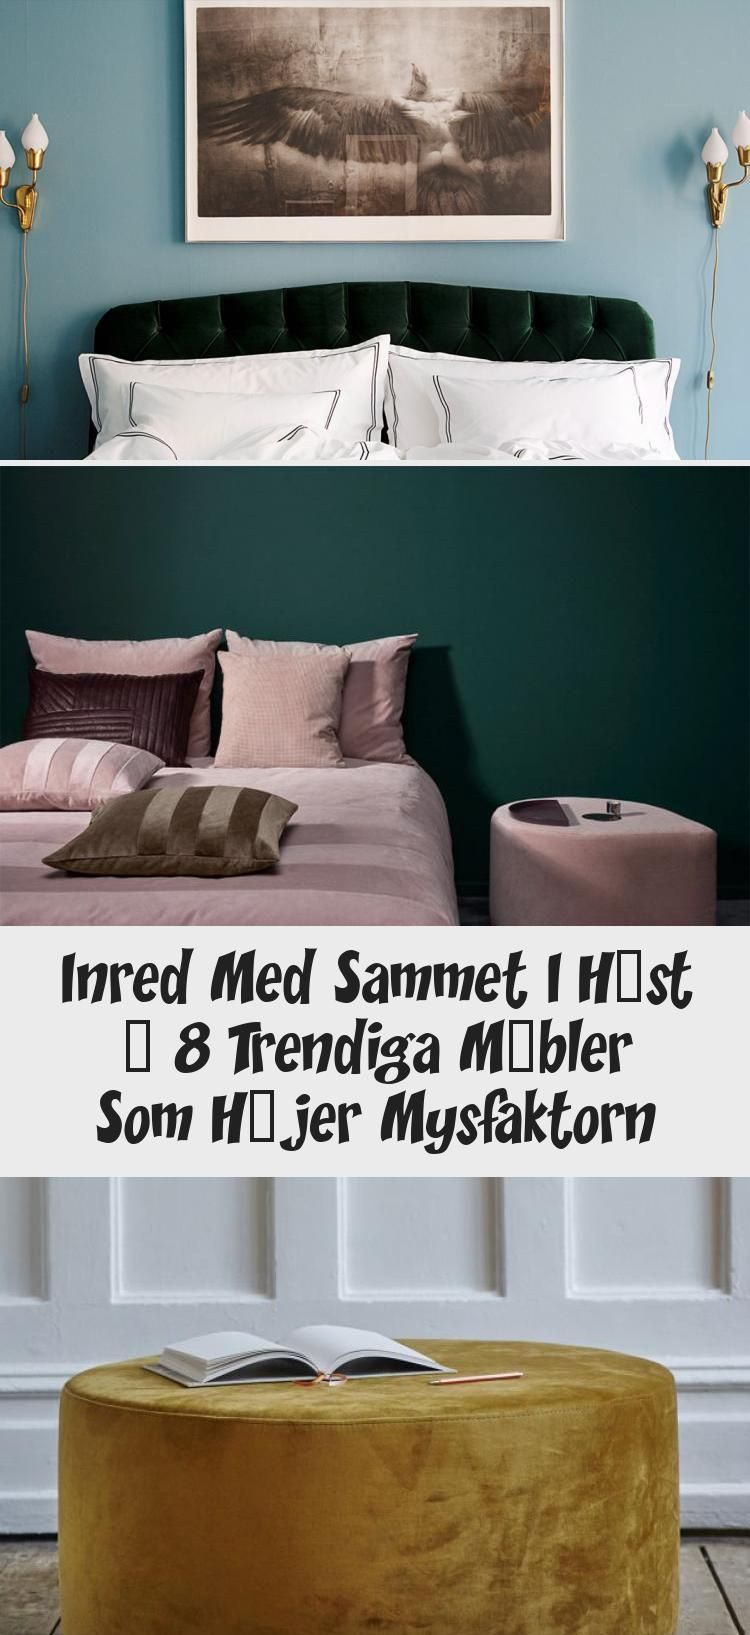 Inred Med Sammet I Höst – 8 Trendiga Möbler Som Höjer